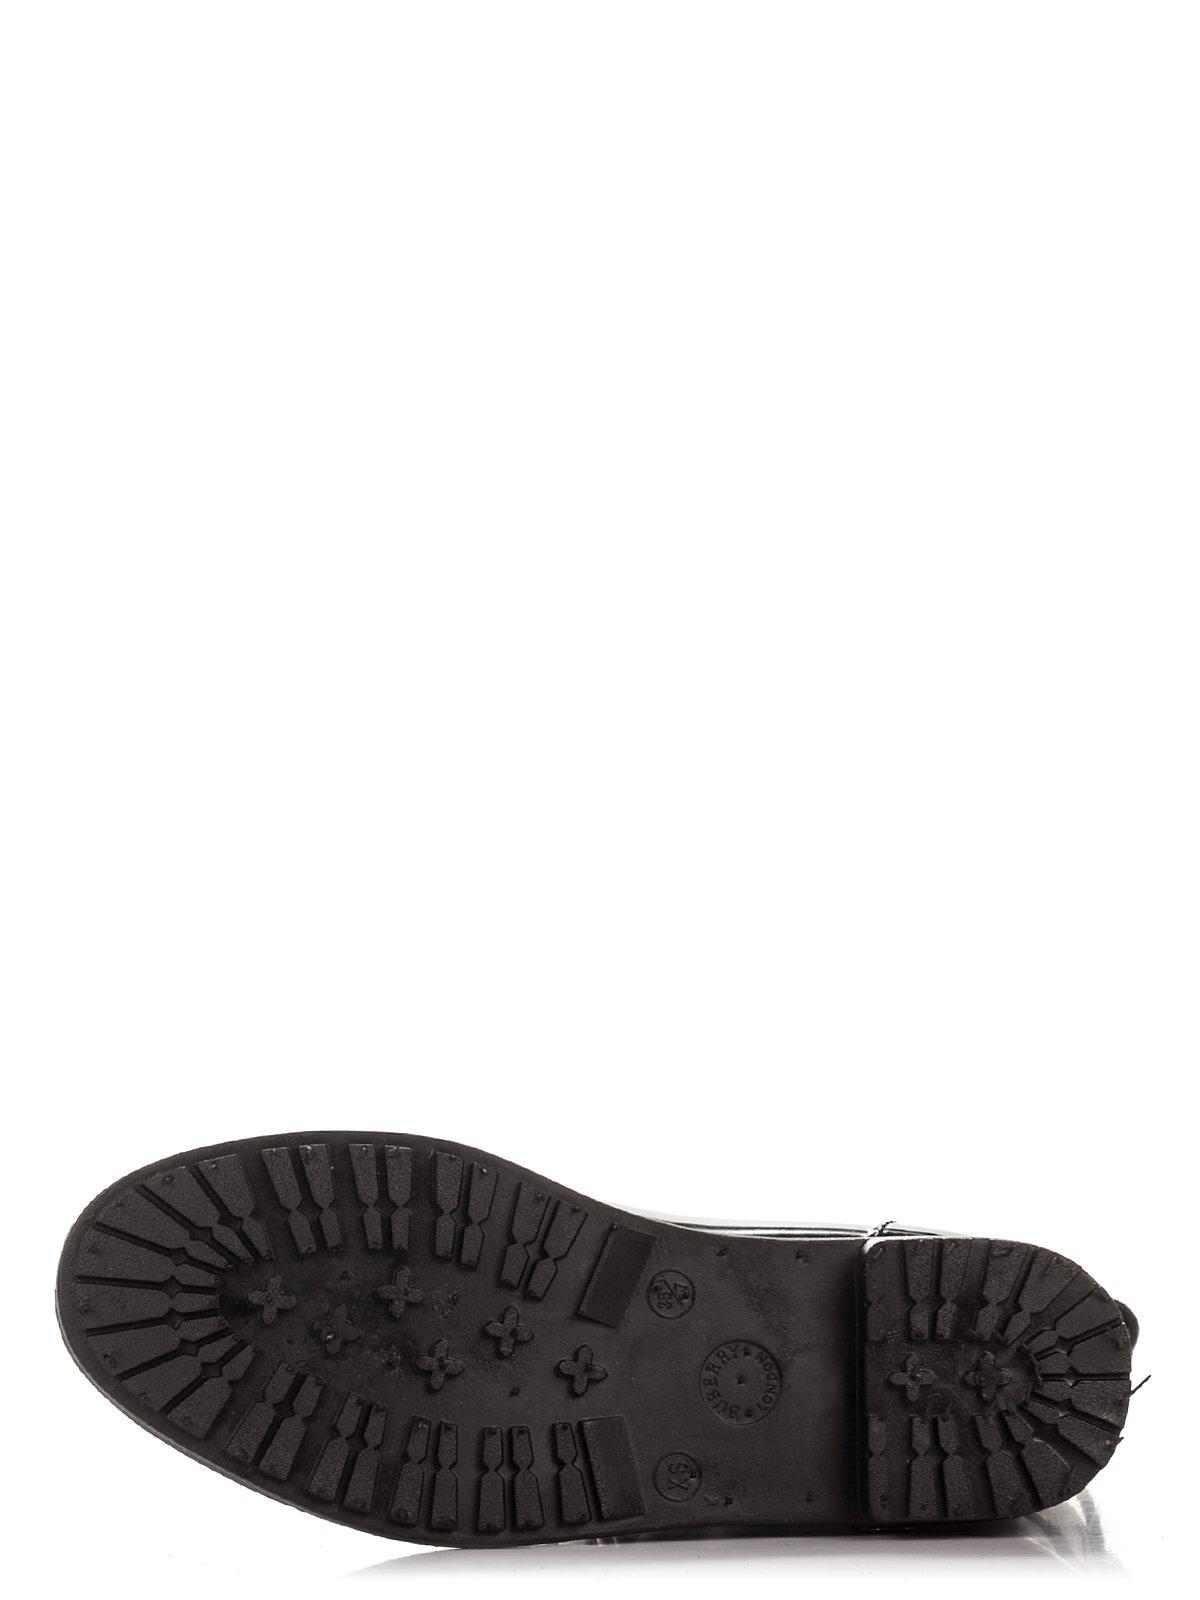 Сапоги черные с принтом | 3908648 | фото 4